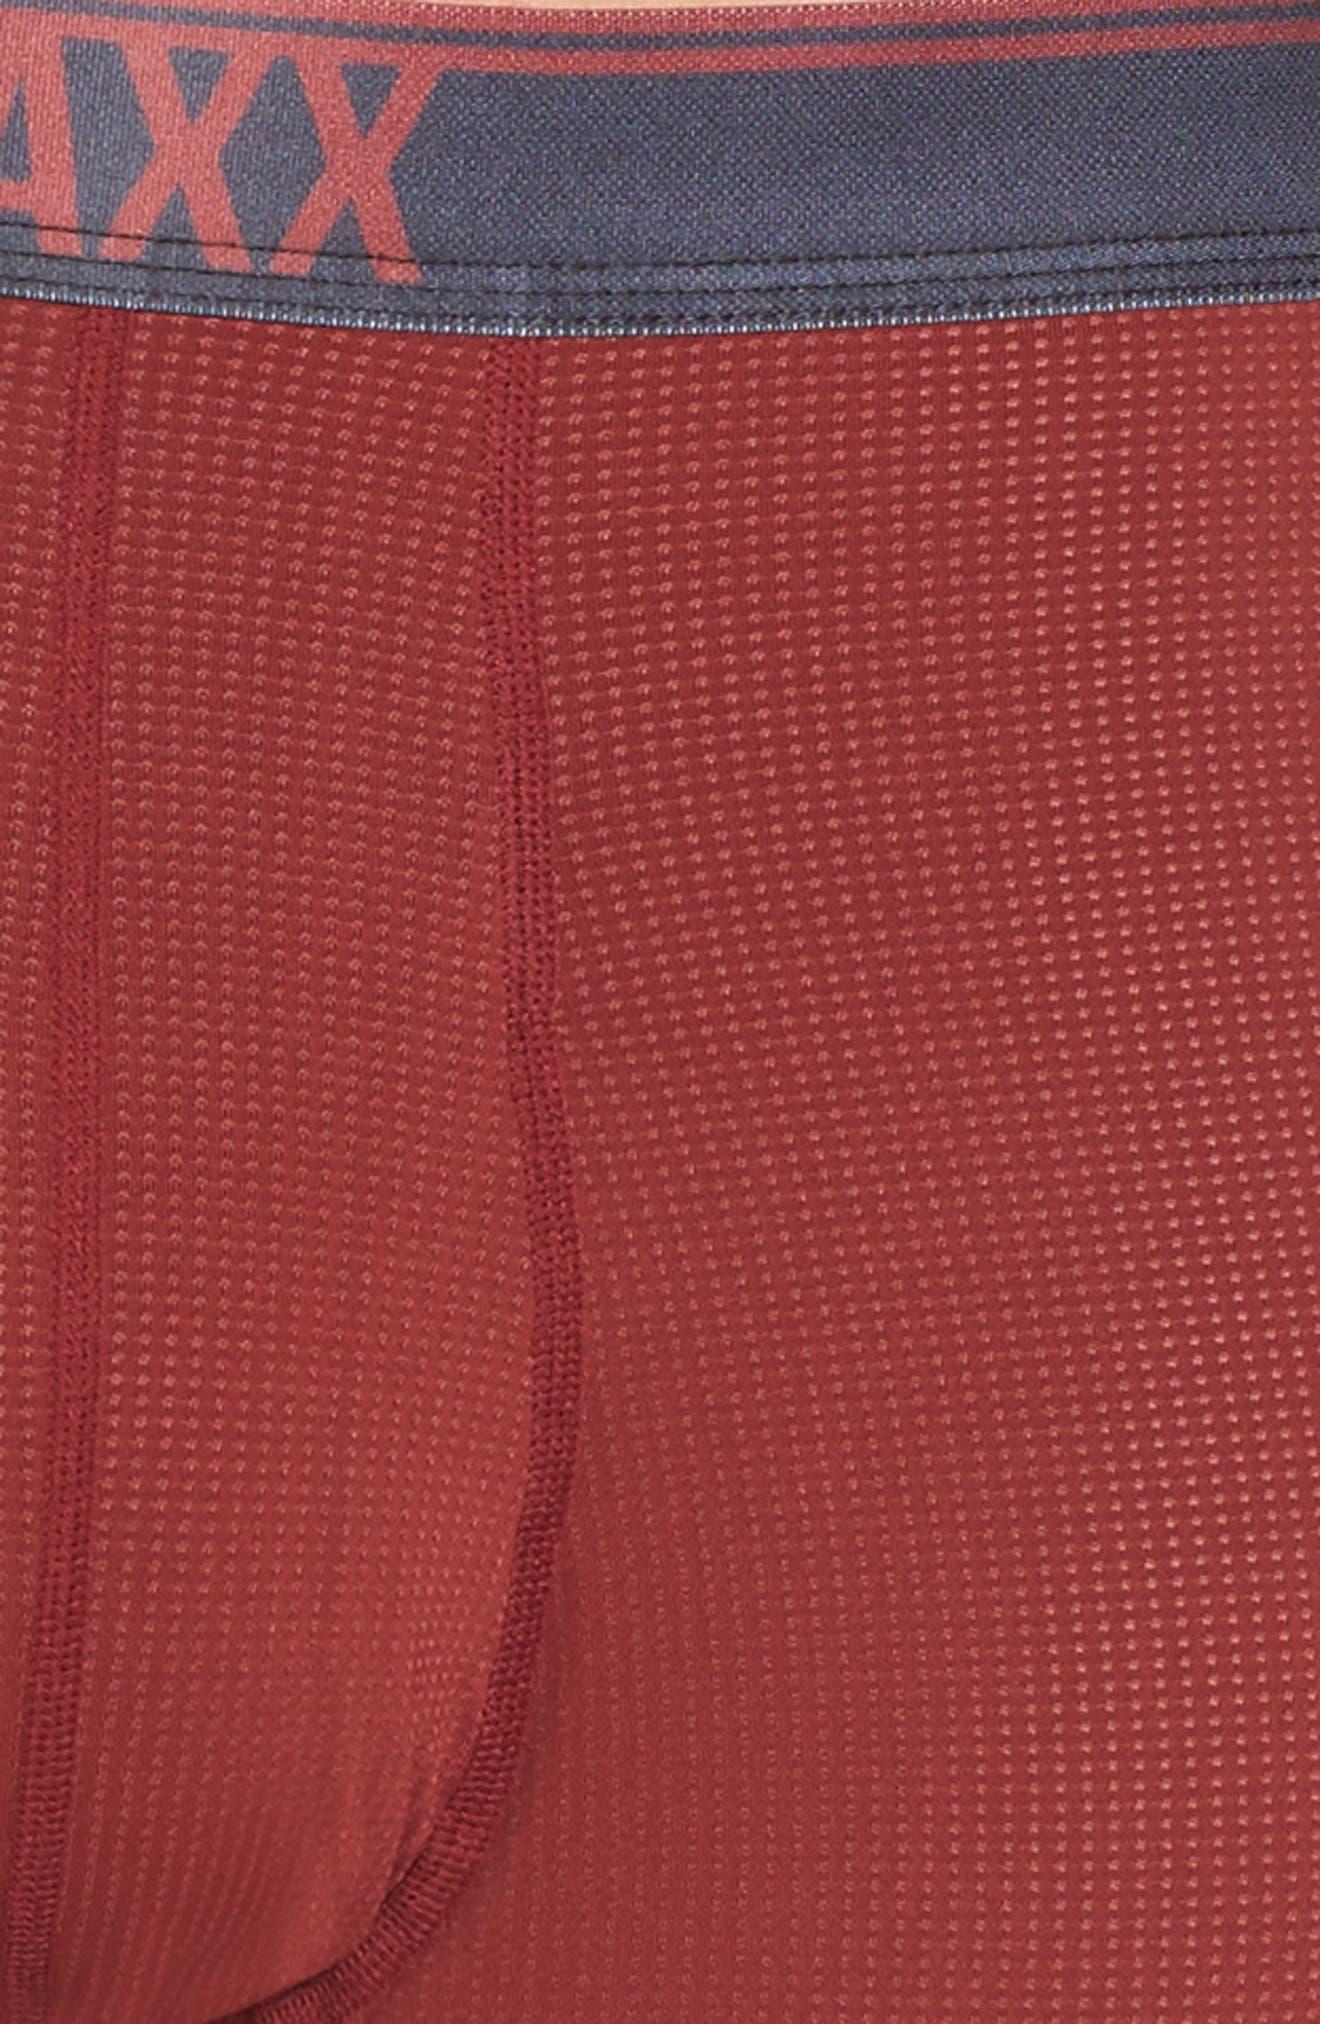 Quest 2.0 Boxer Briefs,                             Alternate thumbnail 4, color,                             Brick Red